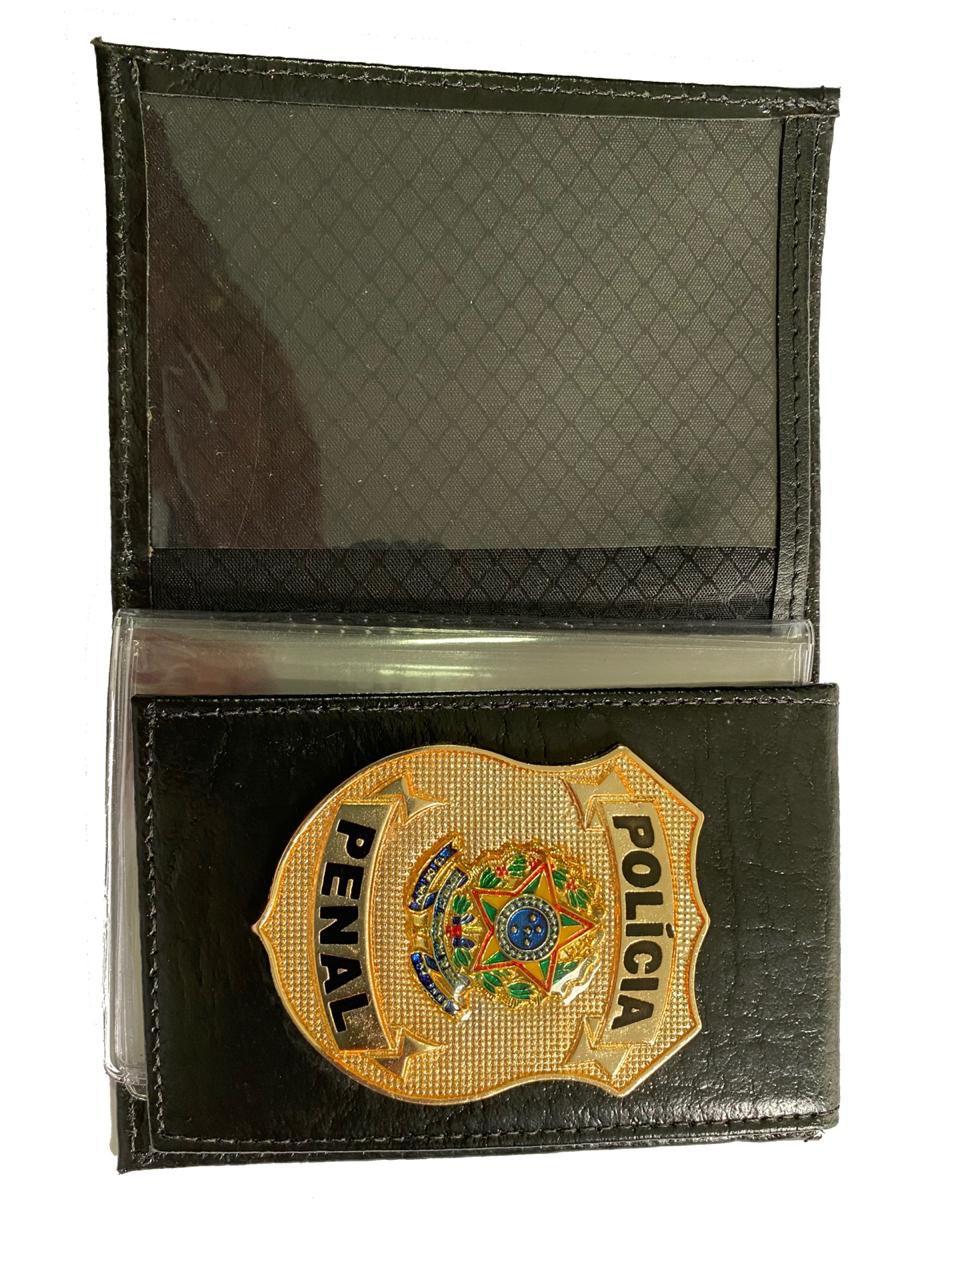 Policia Penal Carteira dos Estados: BA, CE, DF, ES, FEDERAL, GO, MA, MG, MT, NACIONAL, PA, PI, RO, RR, TO